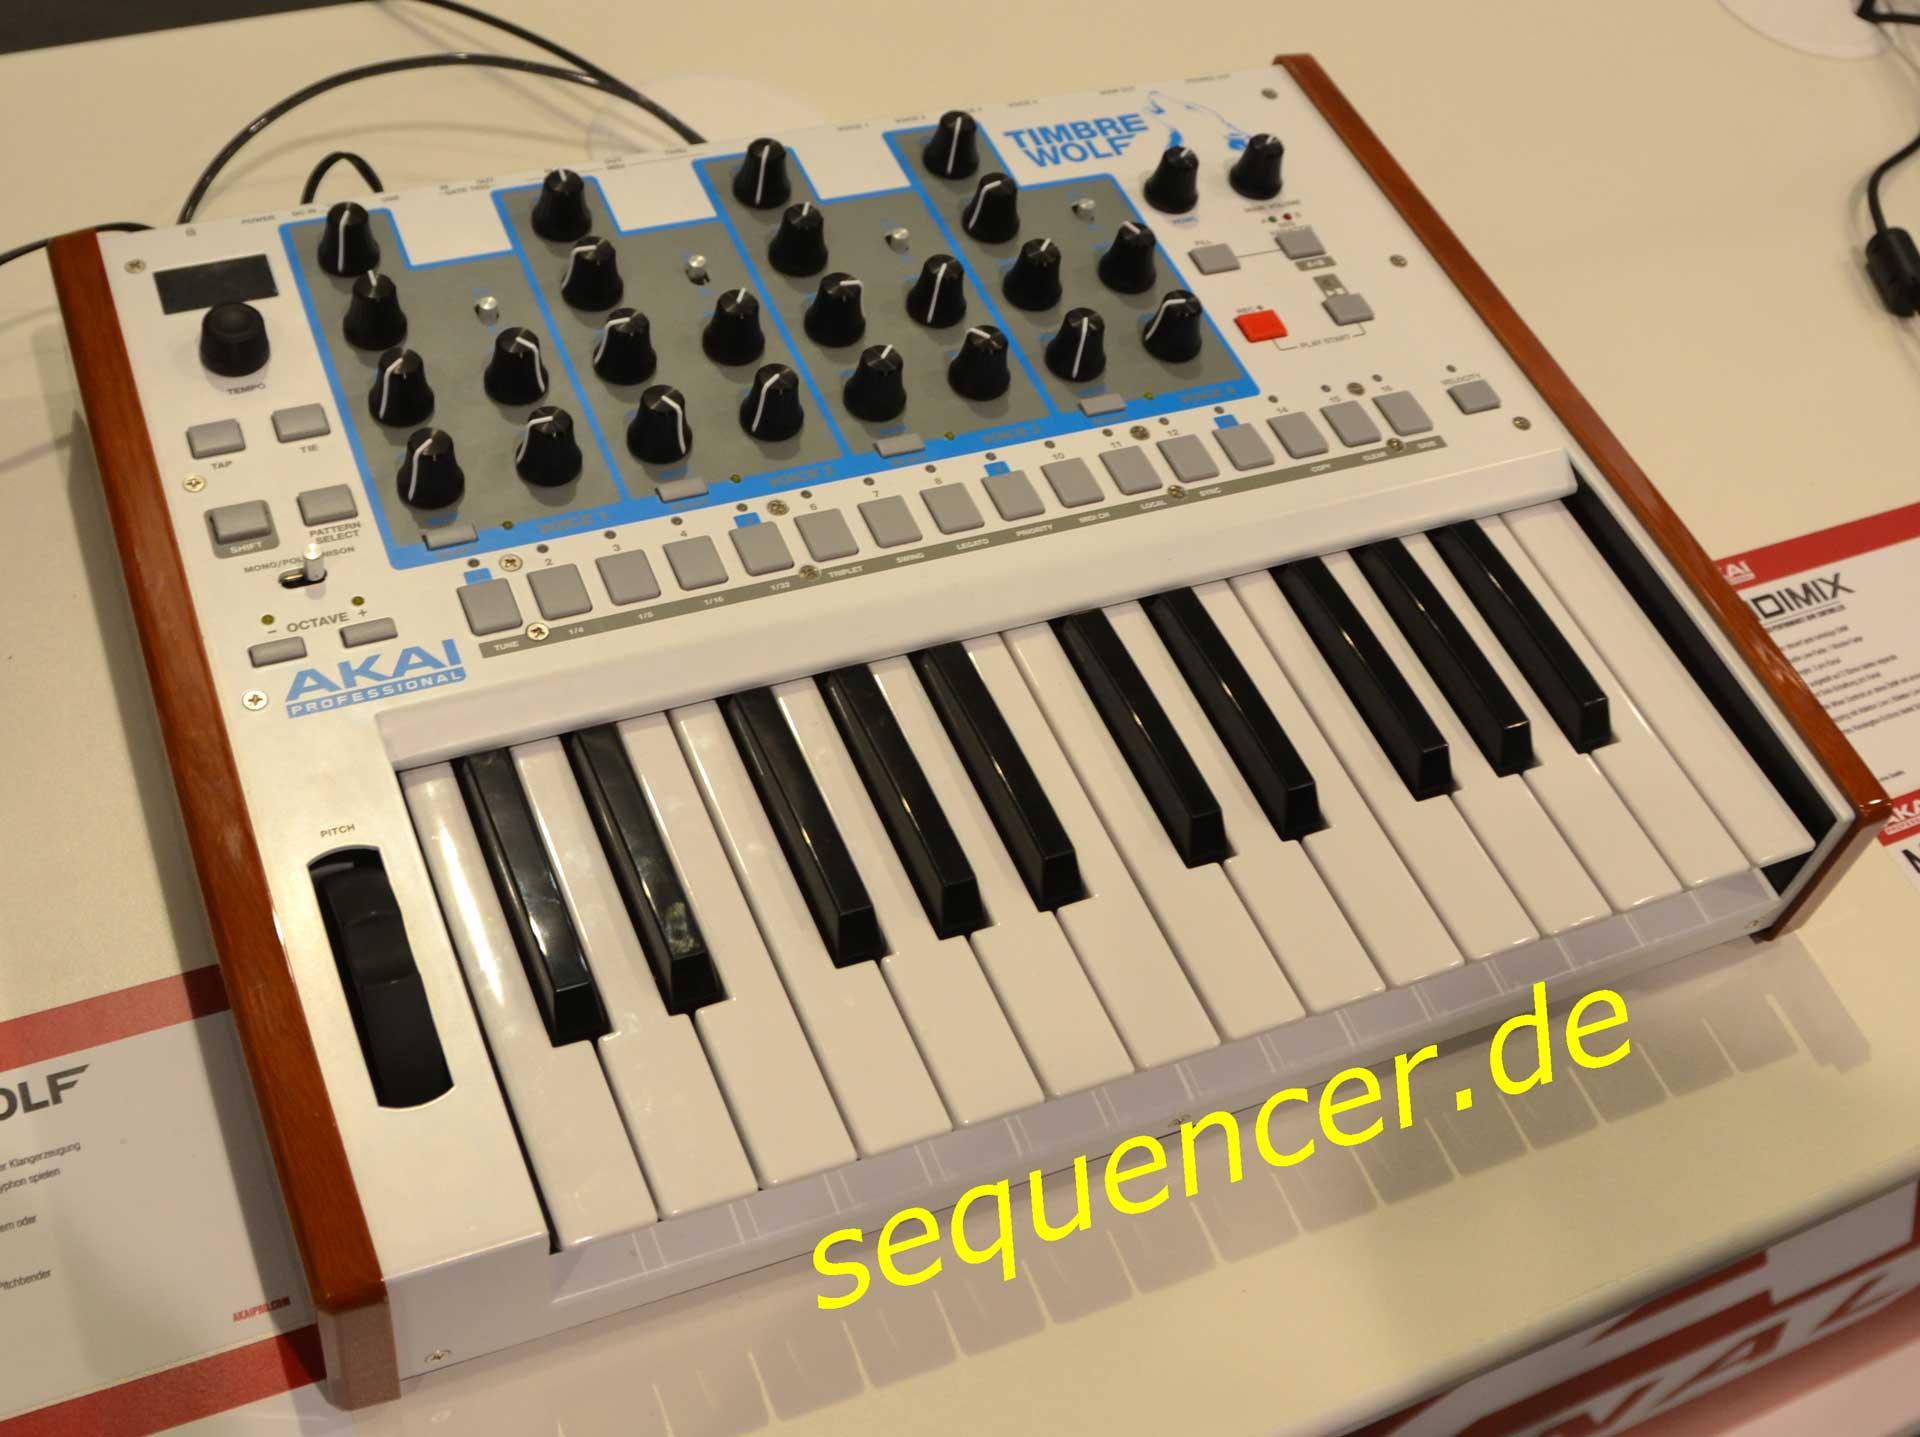 Akai Timbre Wolf synthesizer